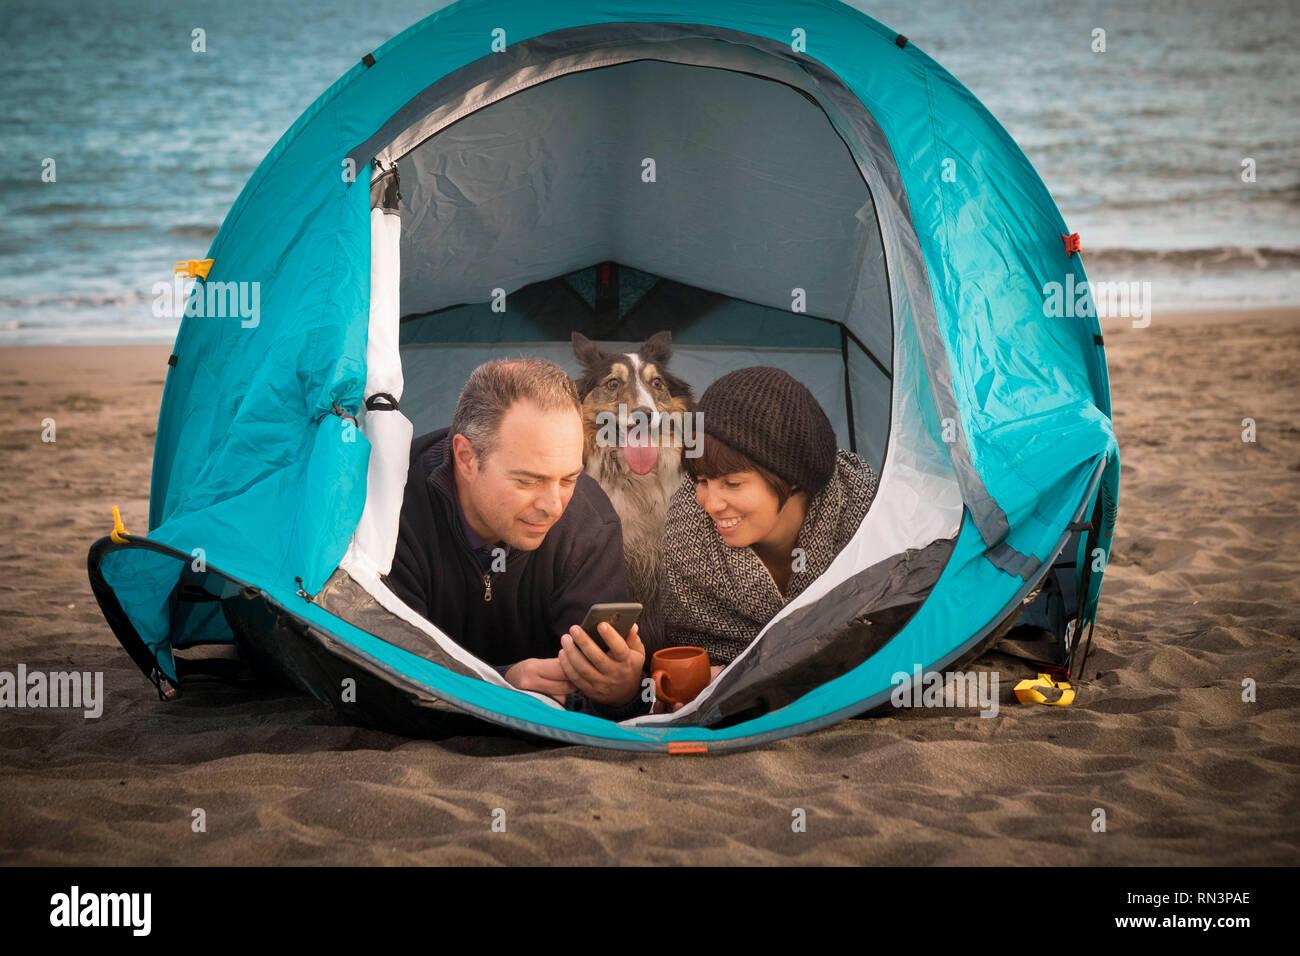 Couple le téléphone intelligent et avoir du plaisir à l'intérieur d'une tente dans un camping sur la plage chien border collie derrière eux regardant la caméra. Banque D'Images